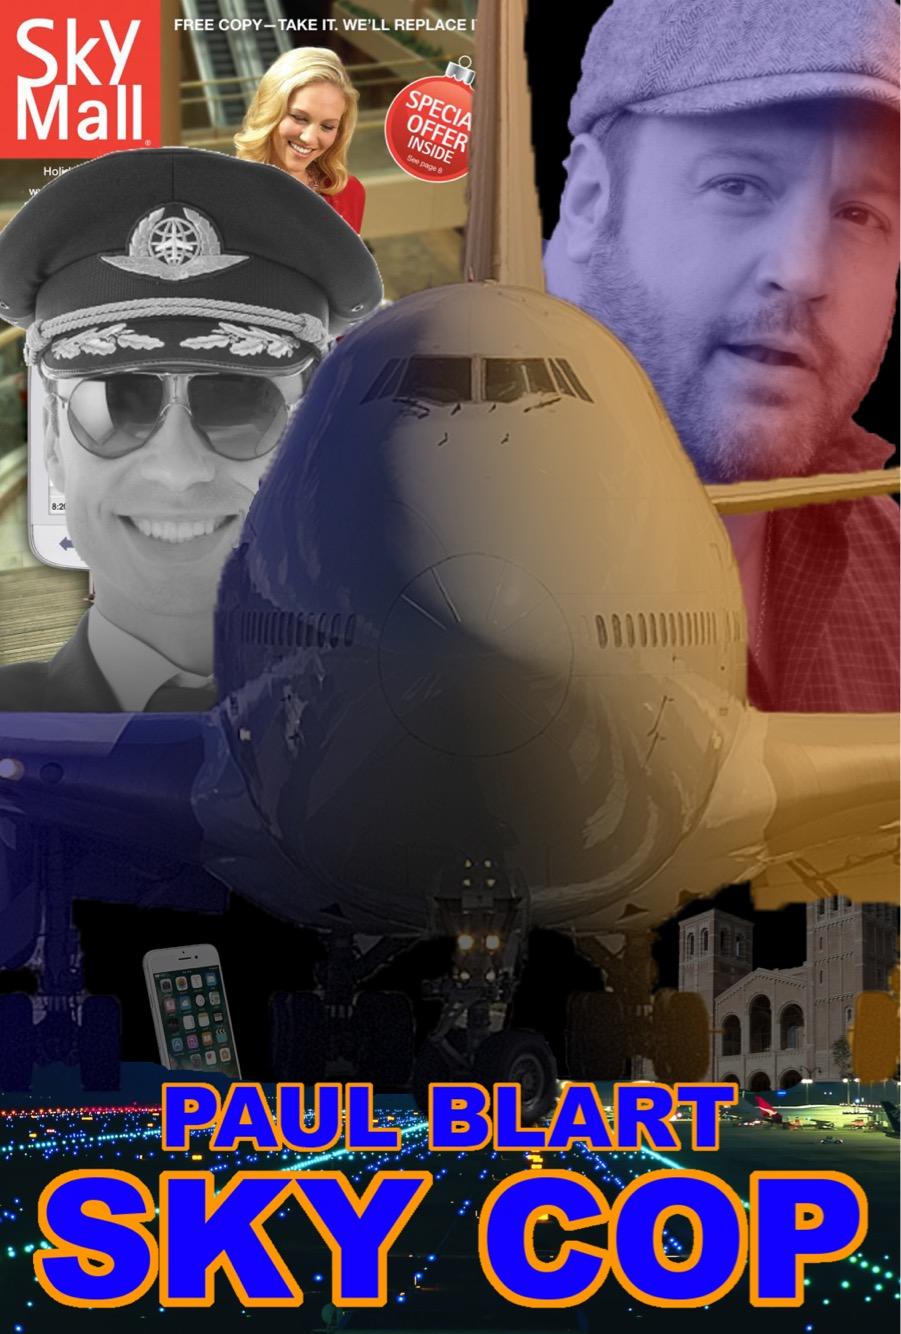 Paul Blart: Sky Cop